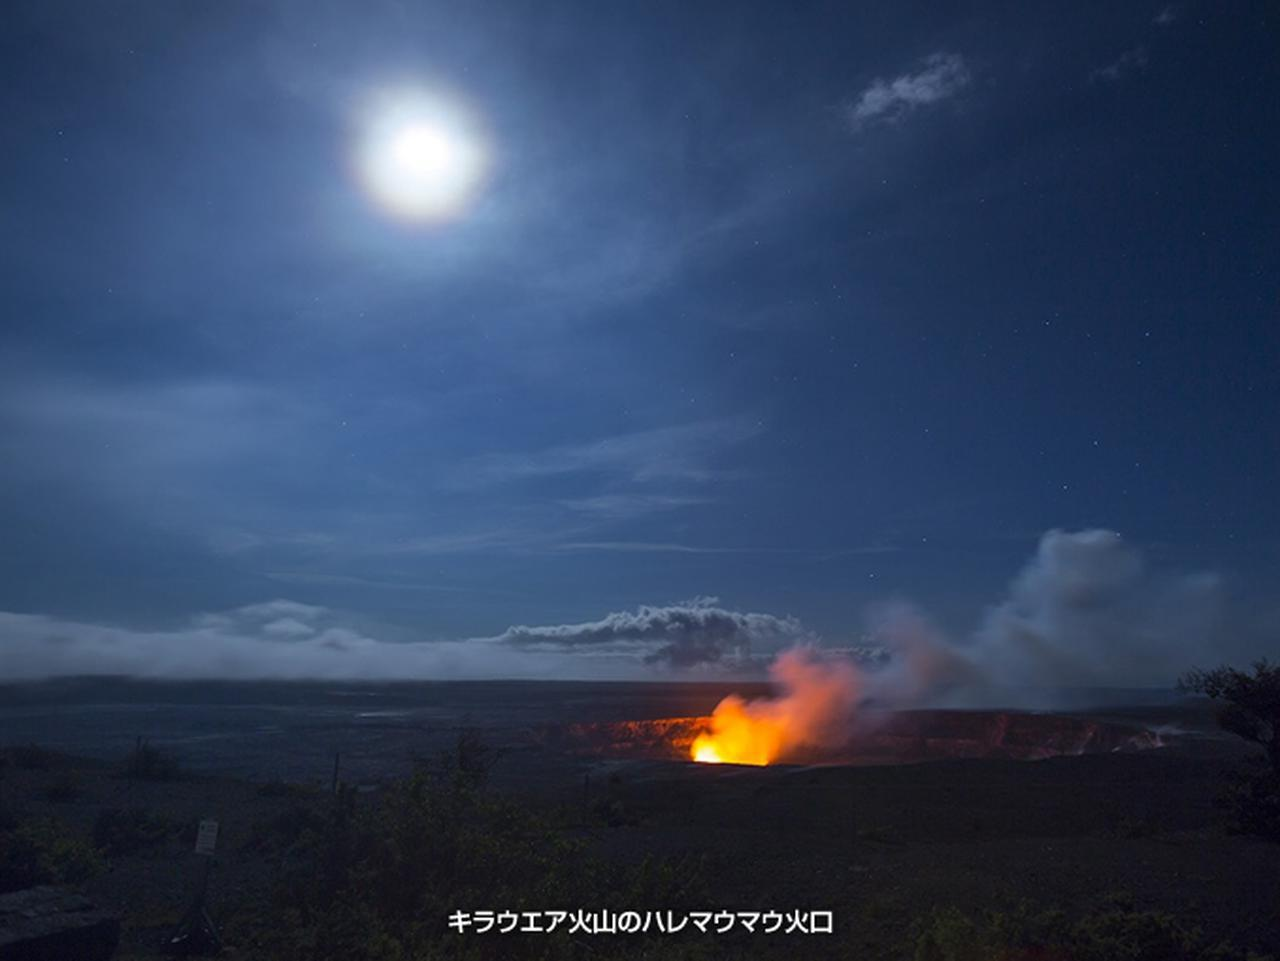 画像: 80%以上が「想像以上に満足」、「また行きたい」と回答。 行った人が絶賛する、ハワイ島の魅力とは。